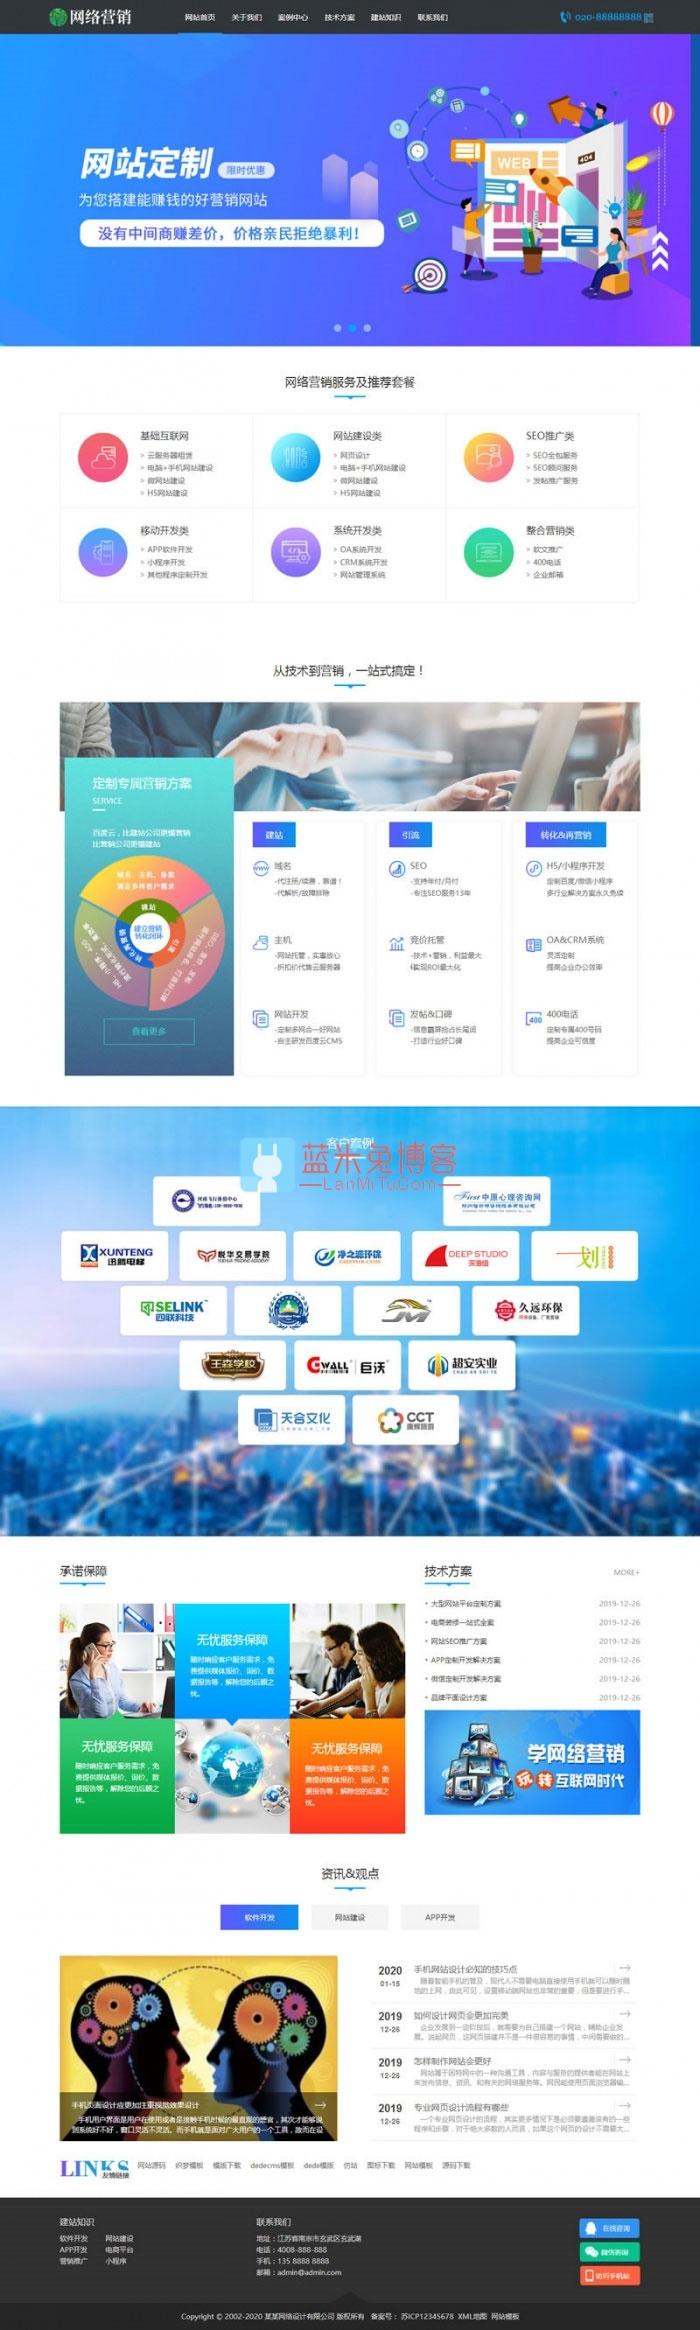 织梦dedecms模板响应式网站建设网络营销推广公司模板(自适应手机移动端)